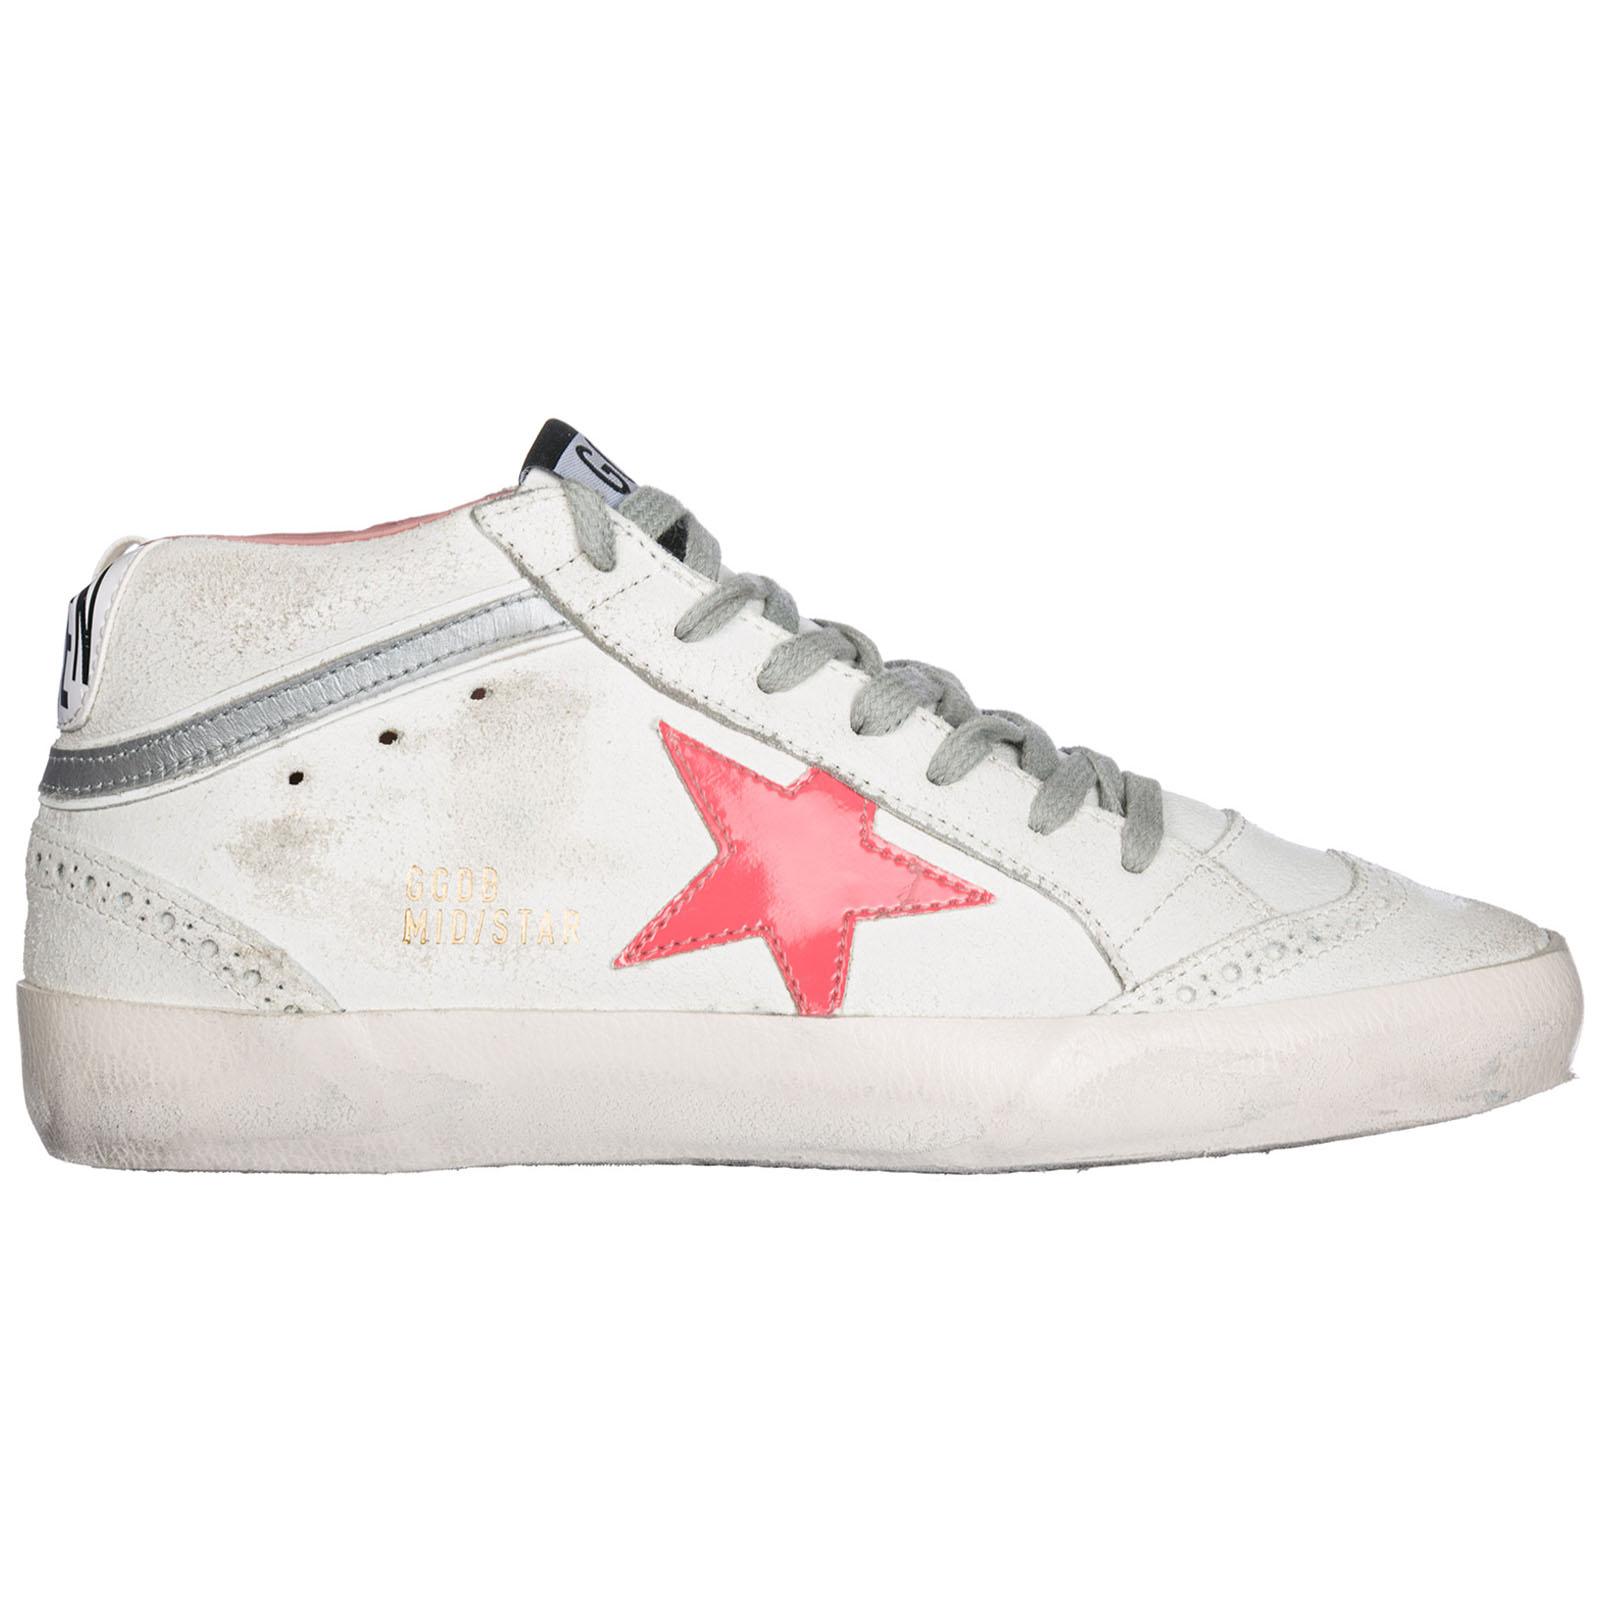 Scarpe sneakers alte donna in camoscio mid star